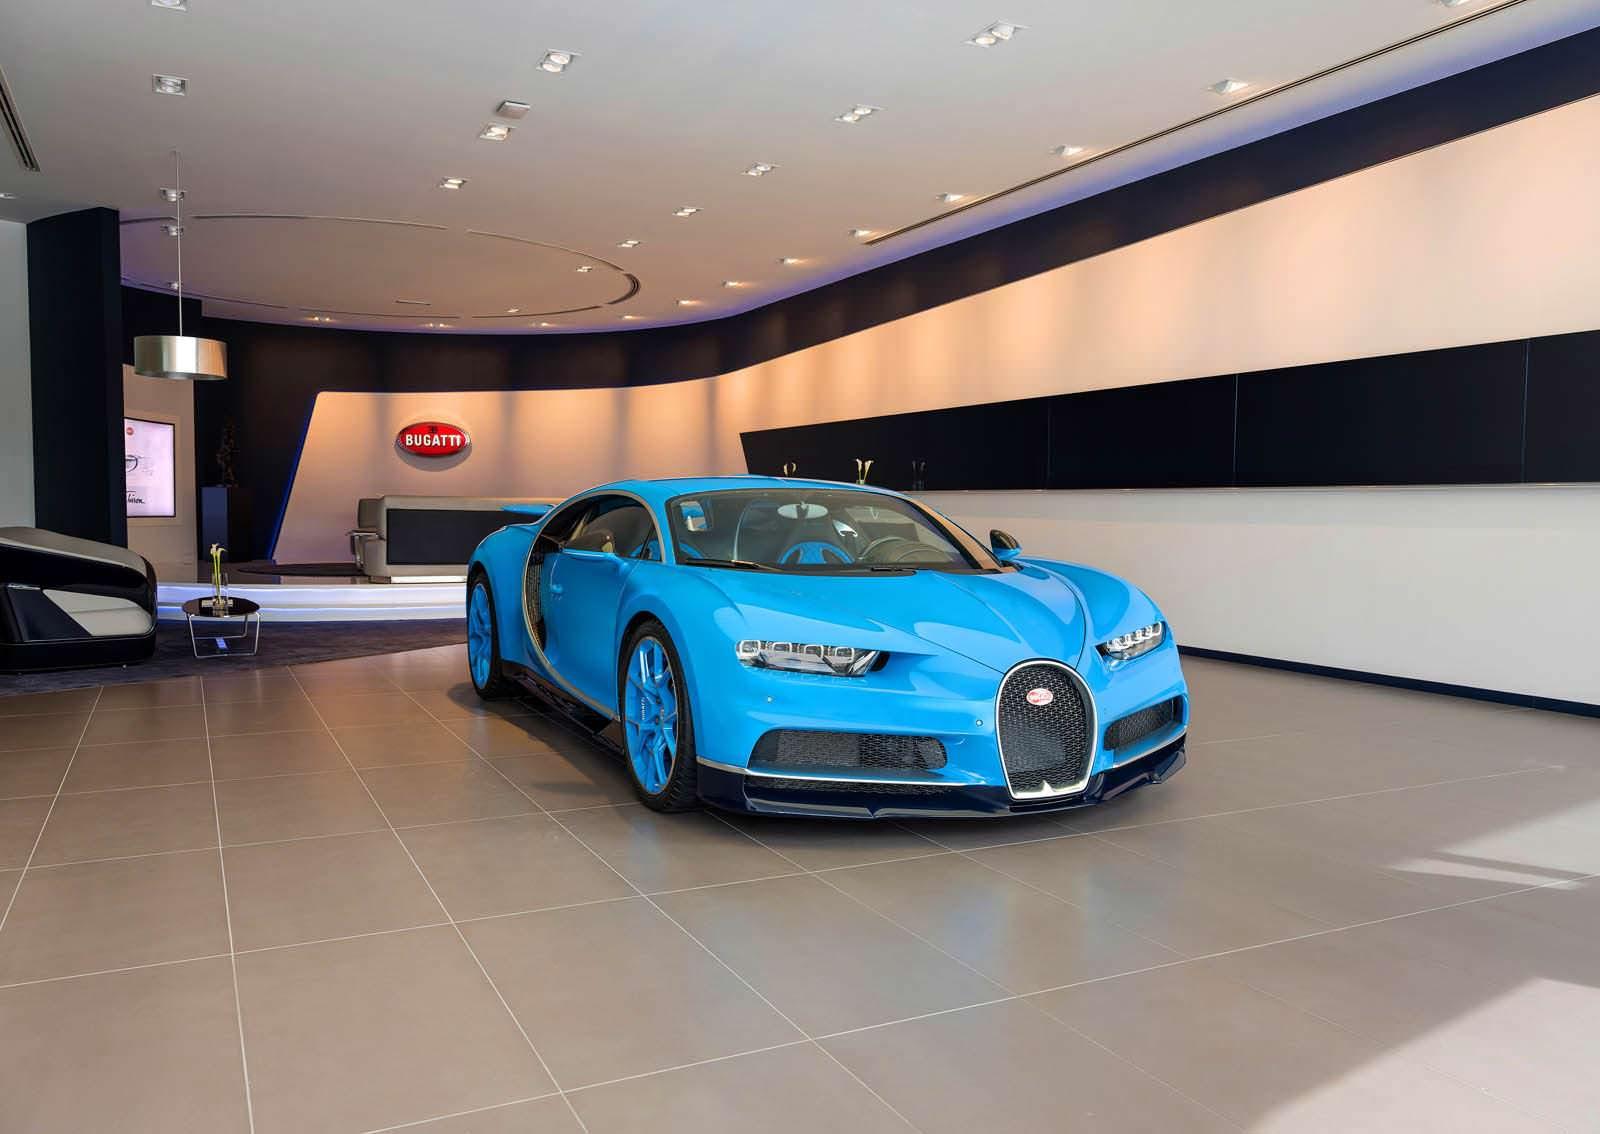 Фото   Bugatti Chiron в выставочном зале в Дубае, ОАЭ